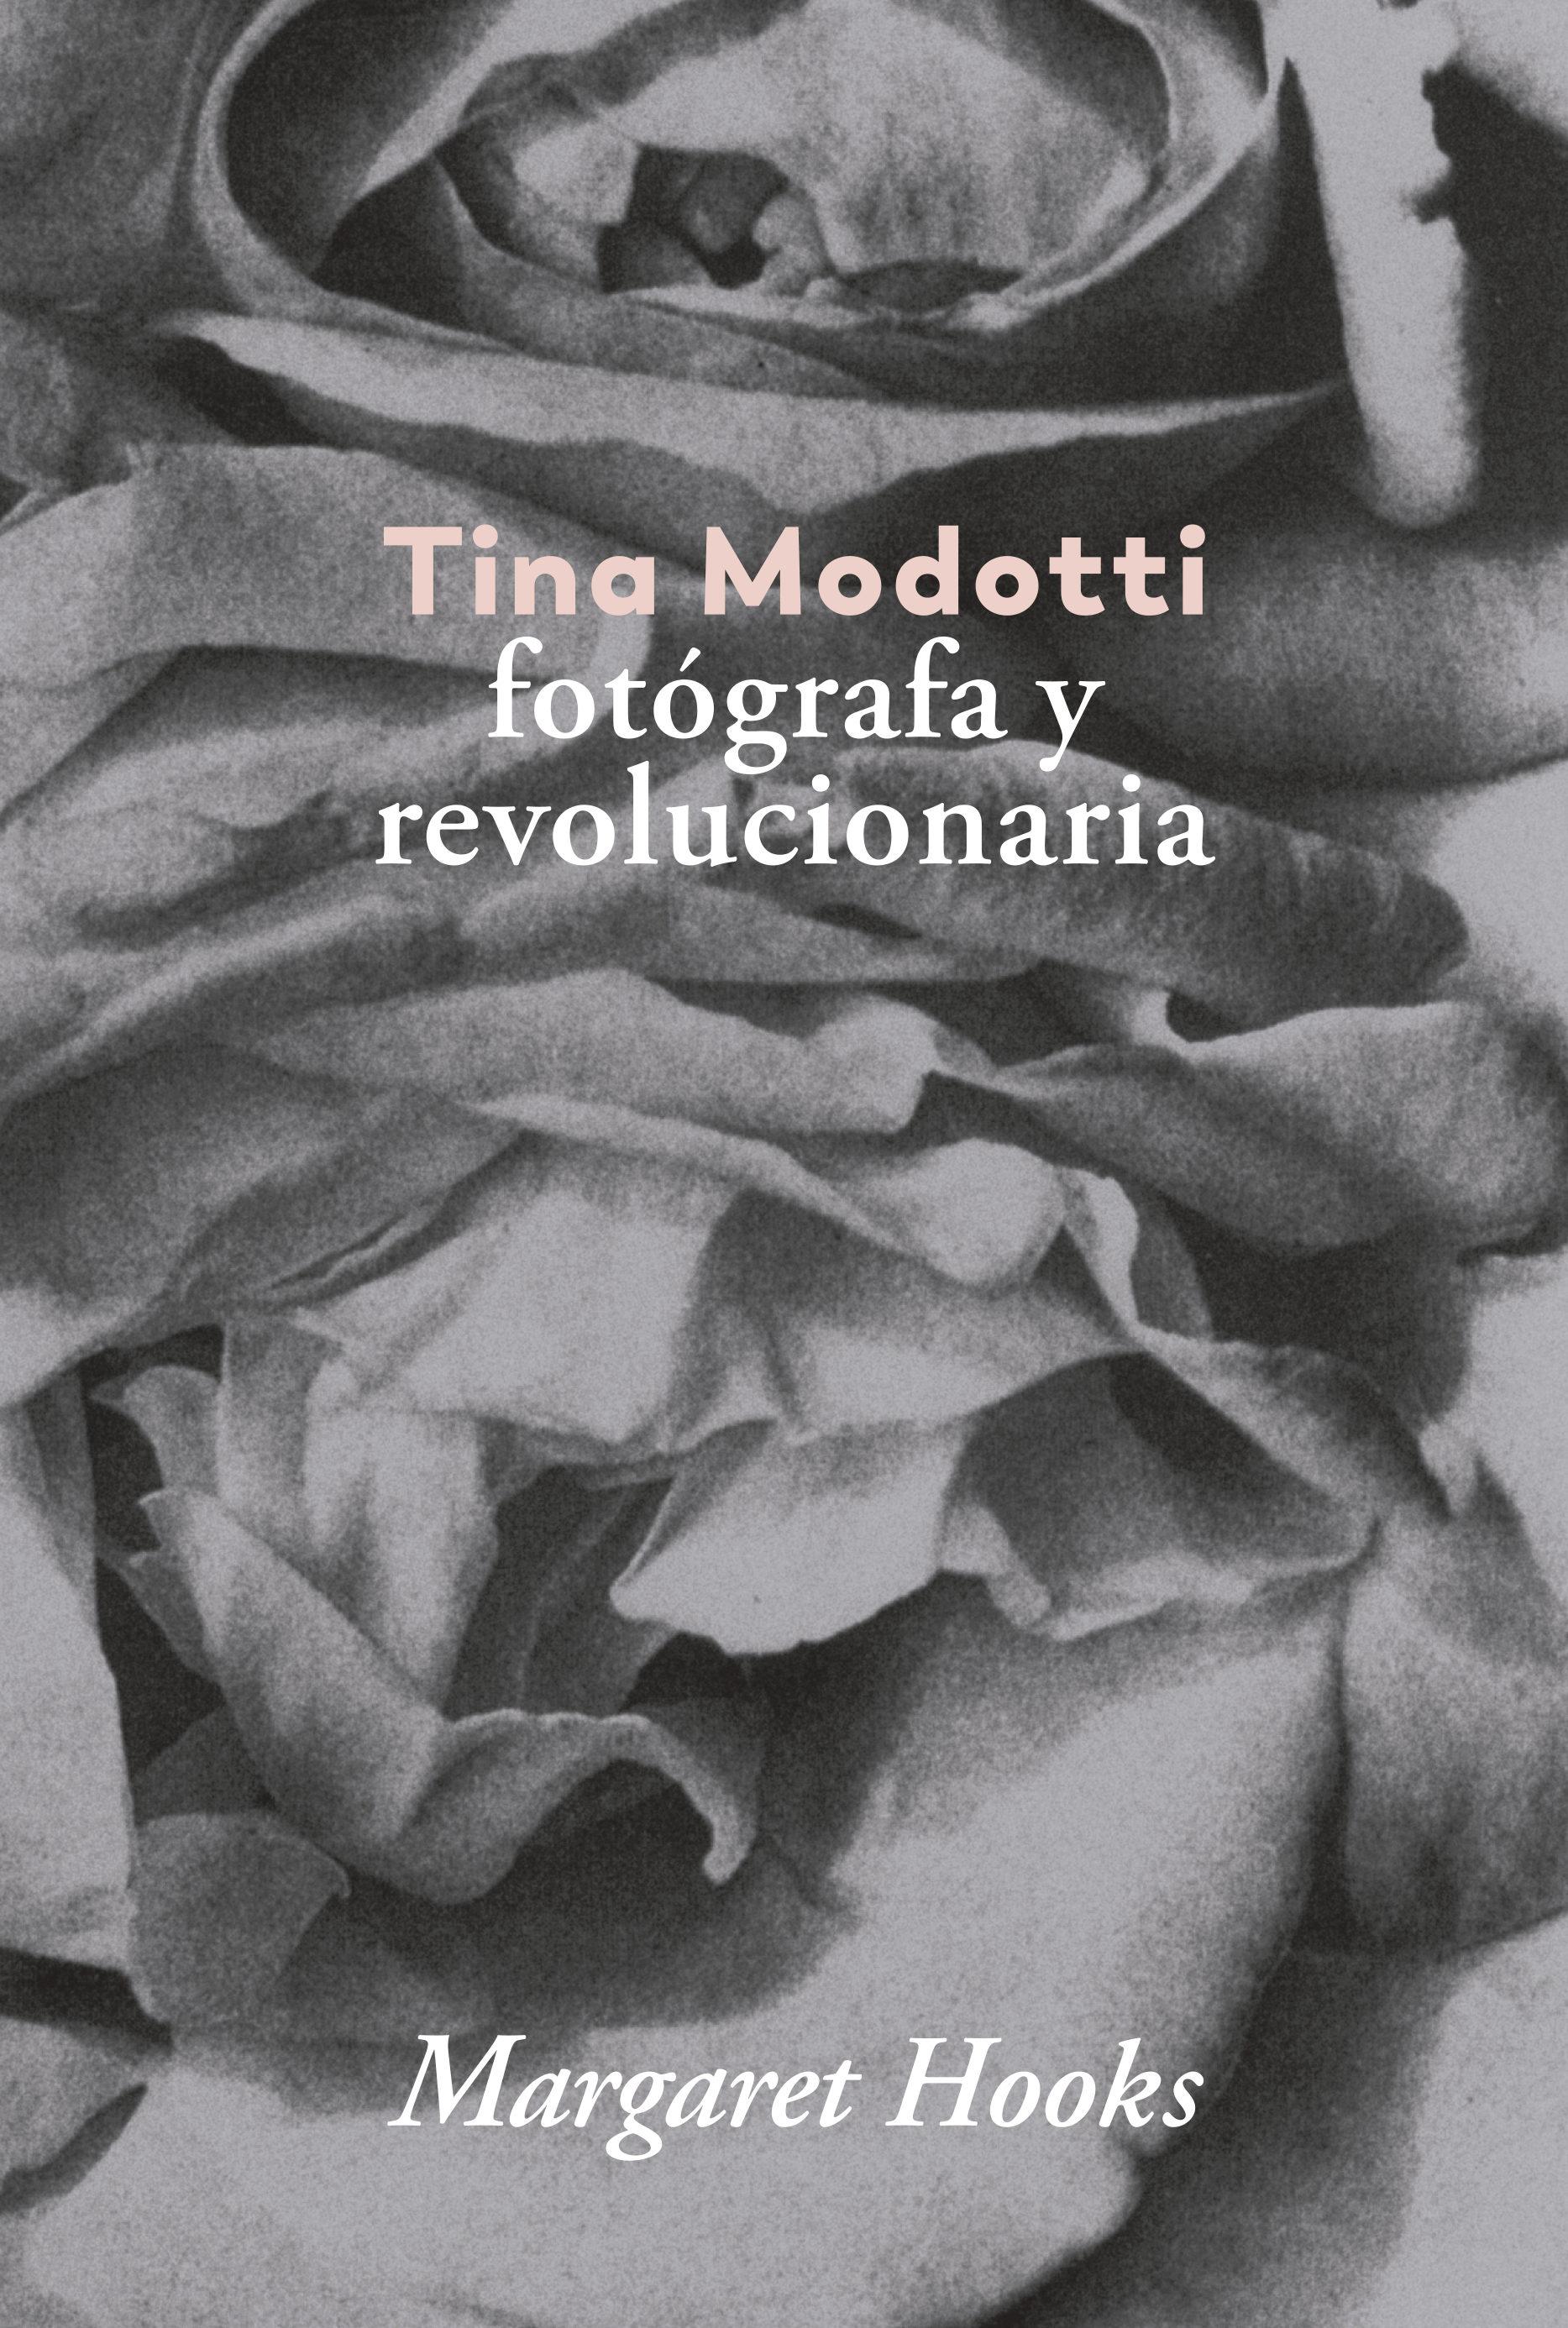 TINA MODOTTI. FOTOGRAFA Y REVOLUCIONARIA